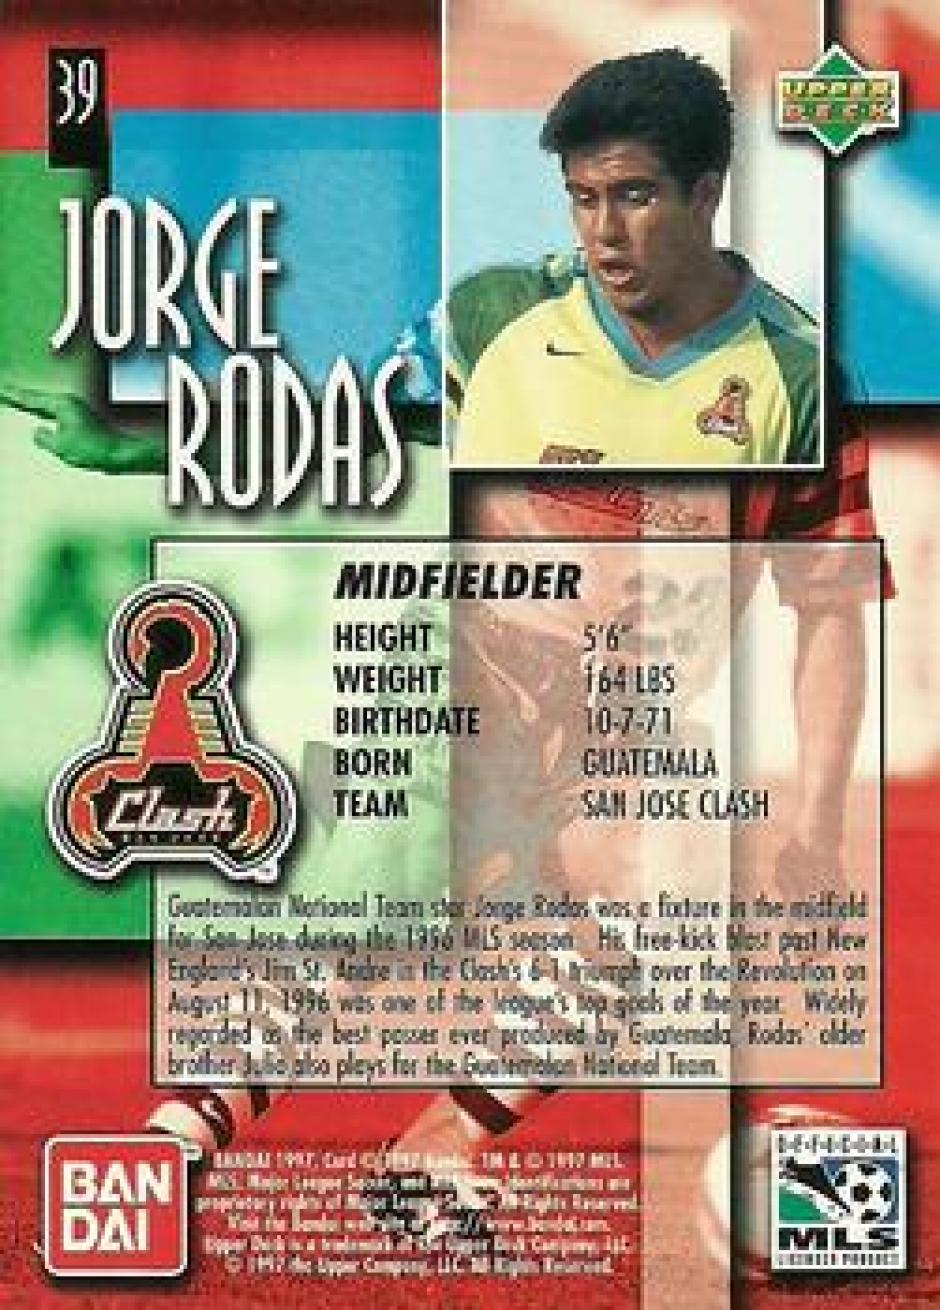 La información de Jorge Rodas en 1996, cuando debutó en la MLS.  (Foto: Google)